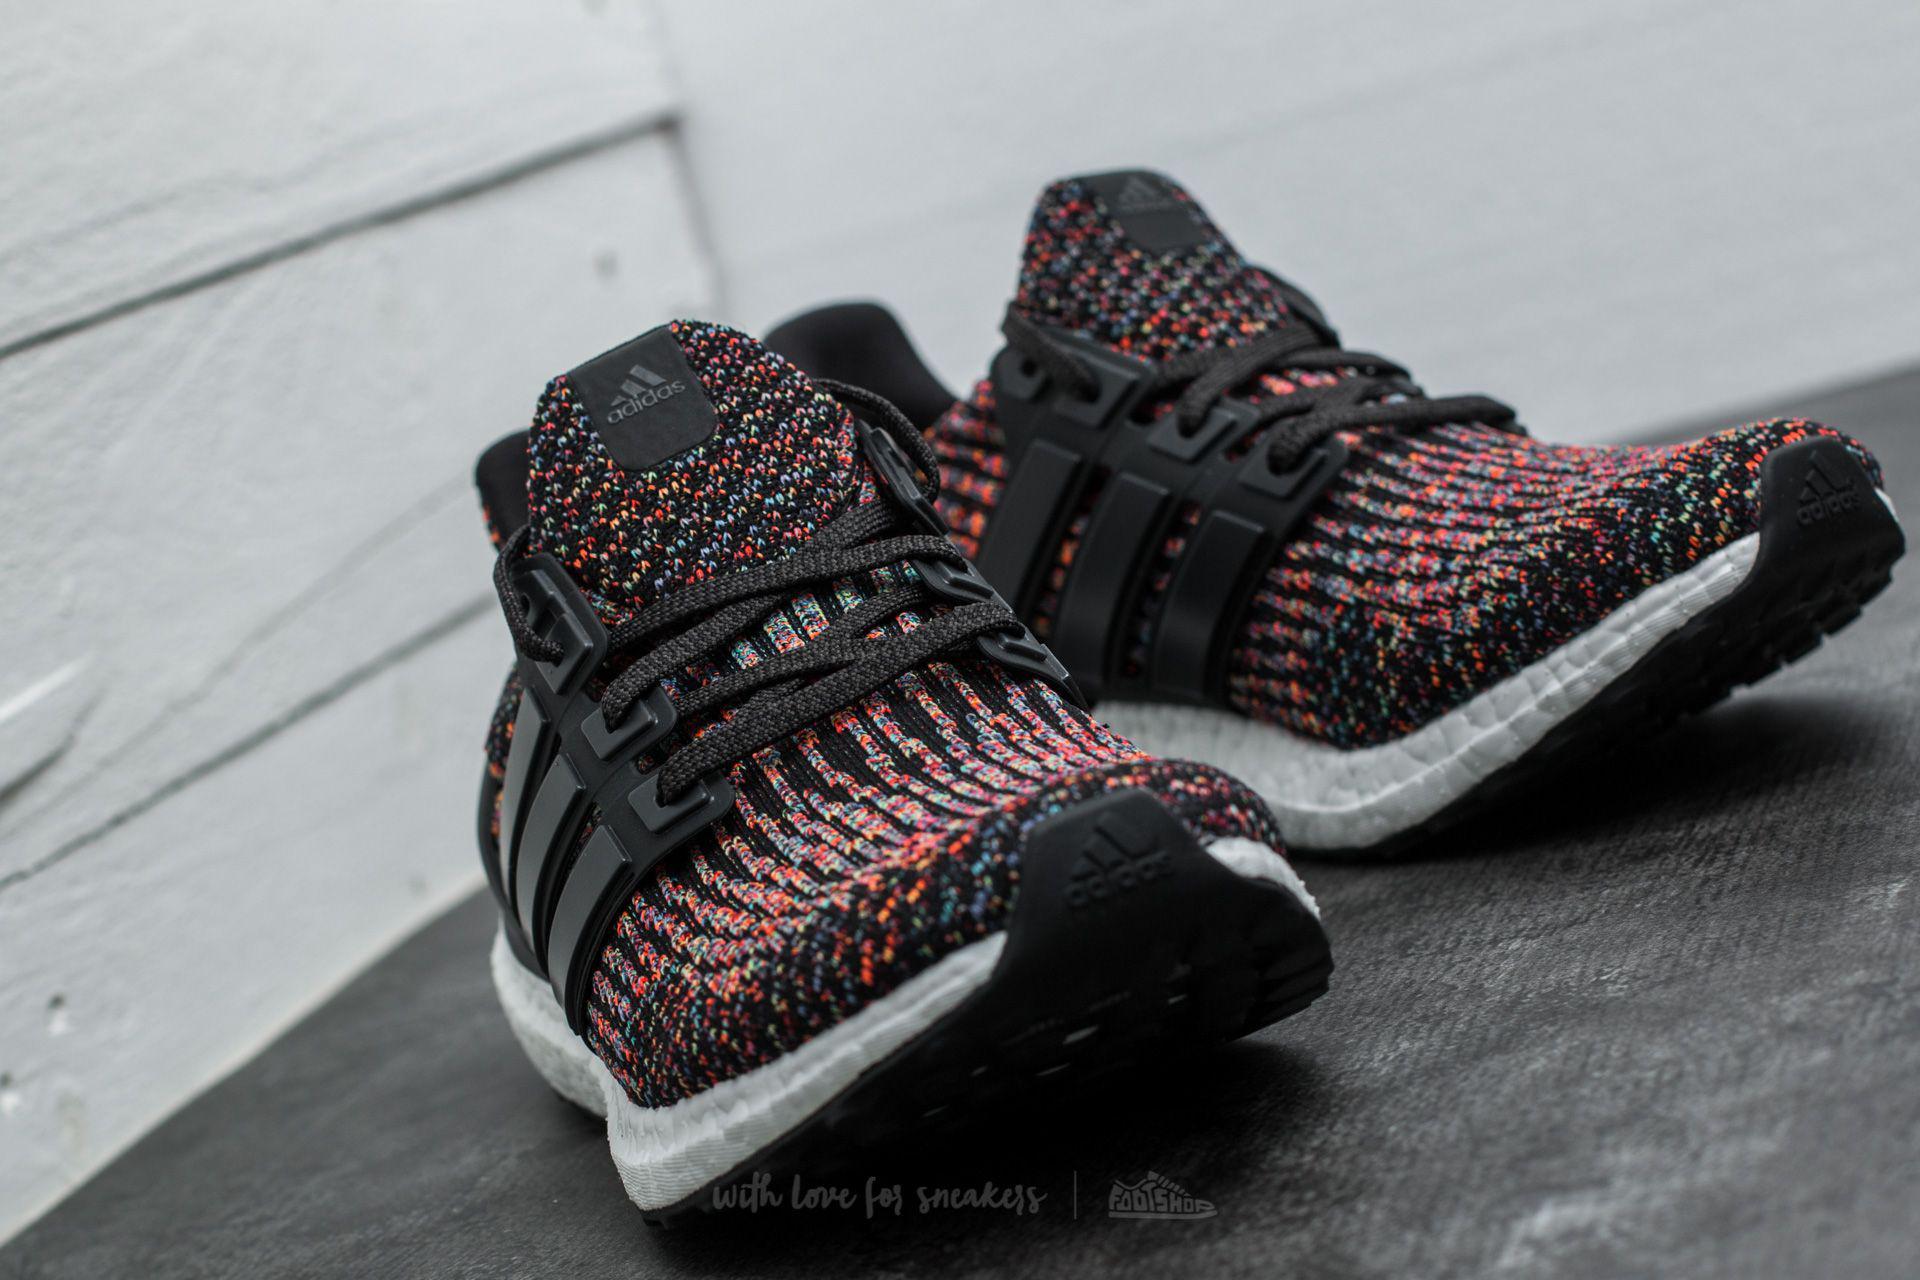 c1c411adf84e3 50% off lyst footshop adidas ultraboost ltd core black utility black in  fcb1a 6b5db